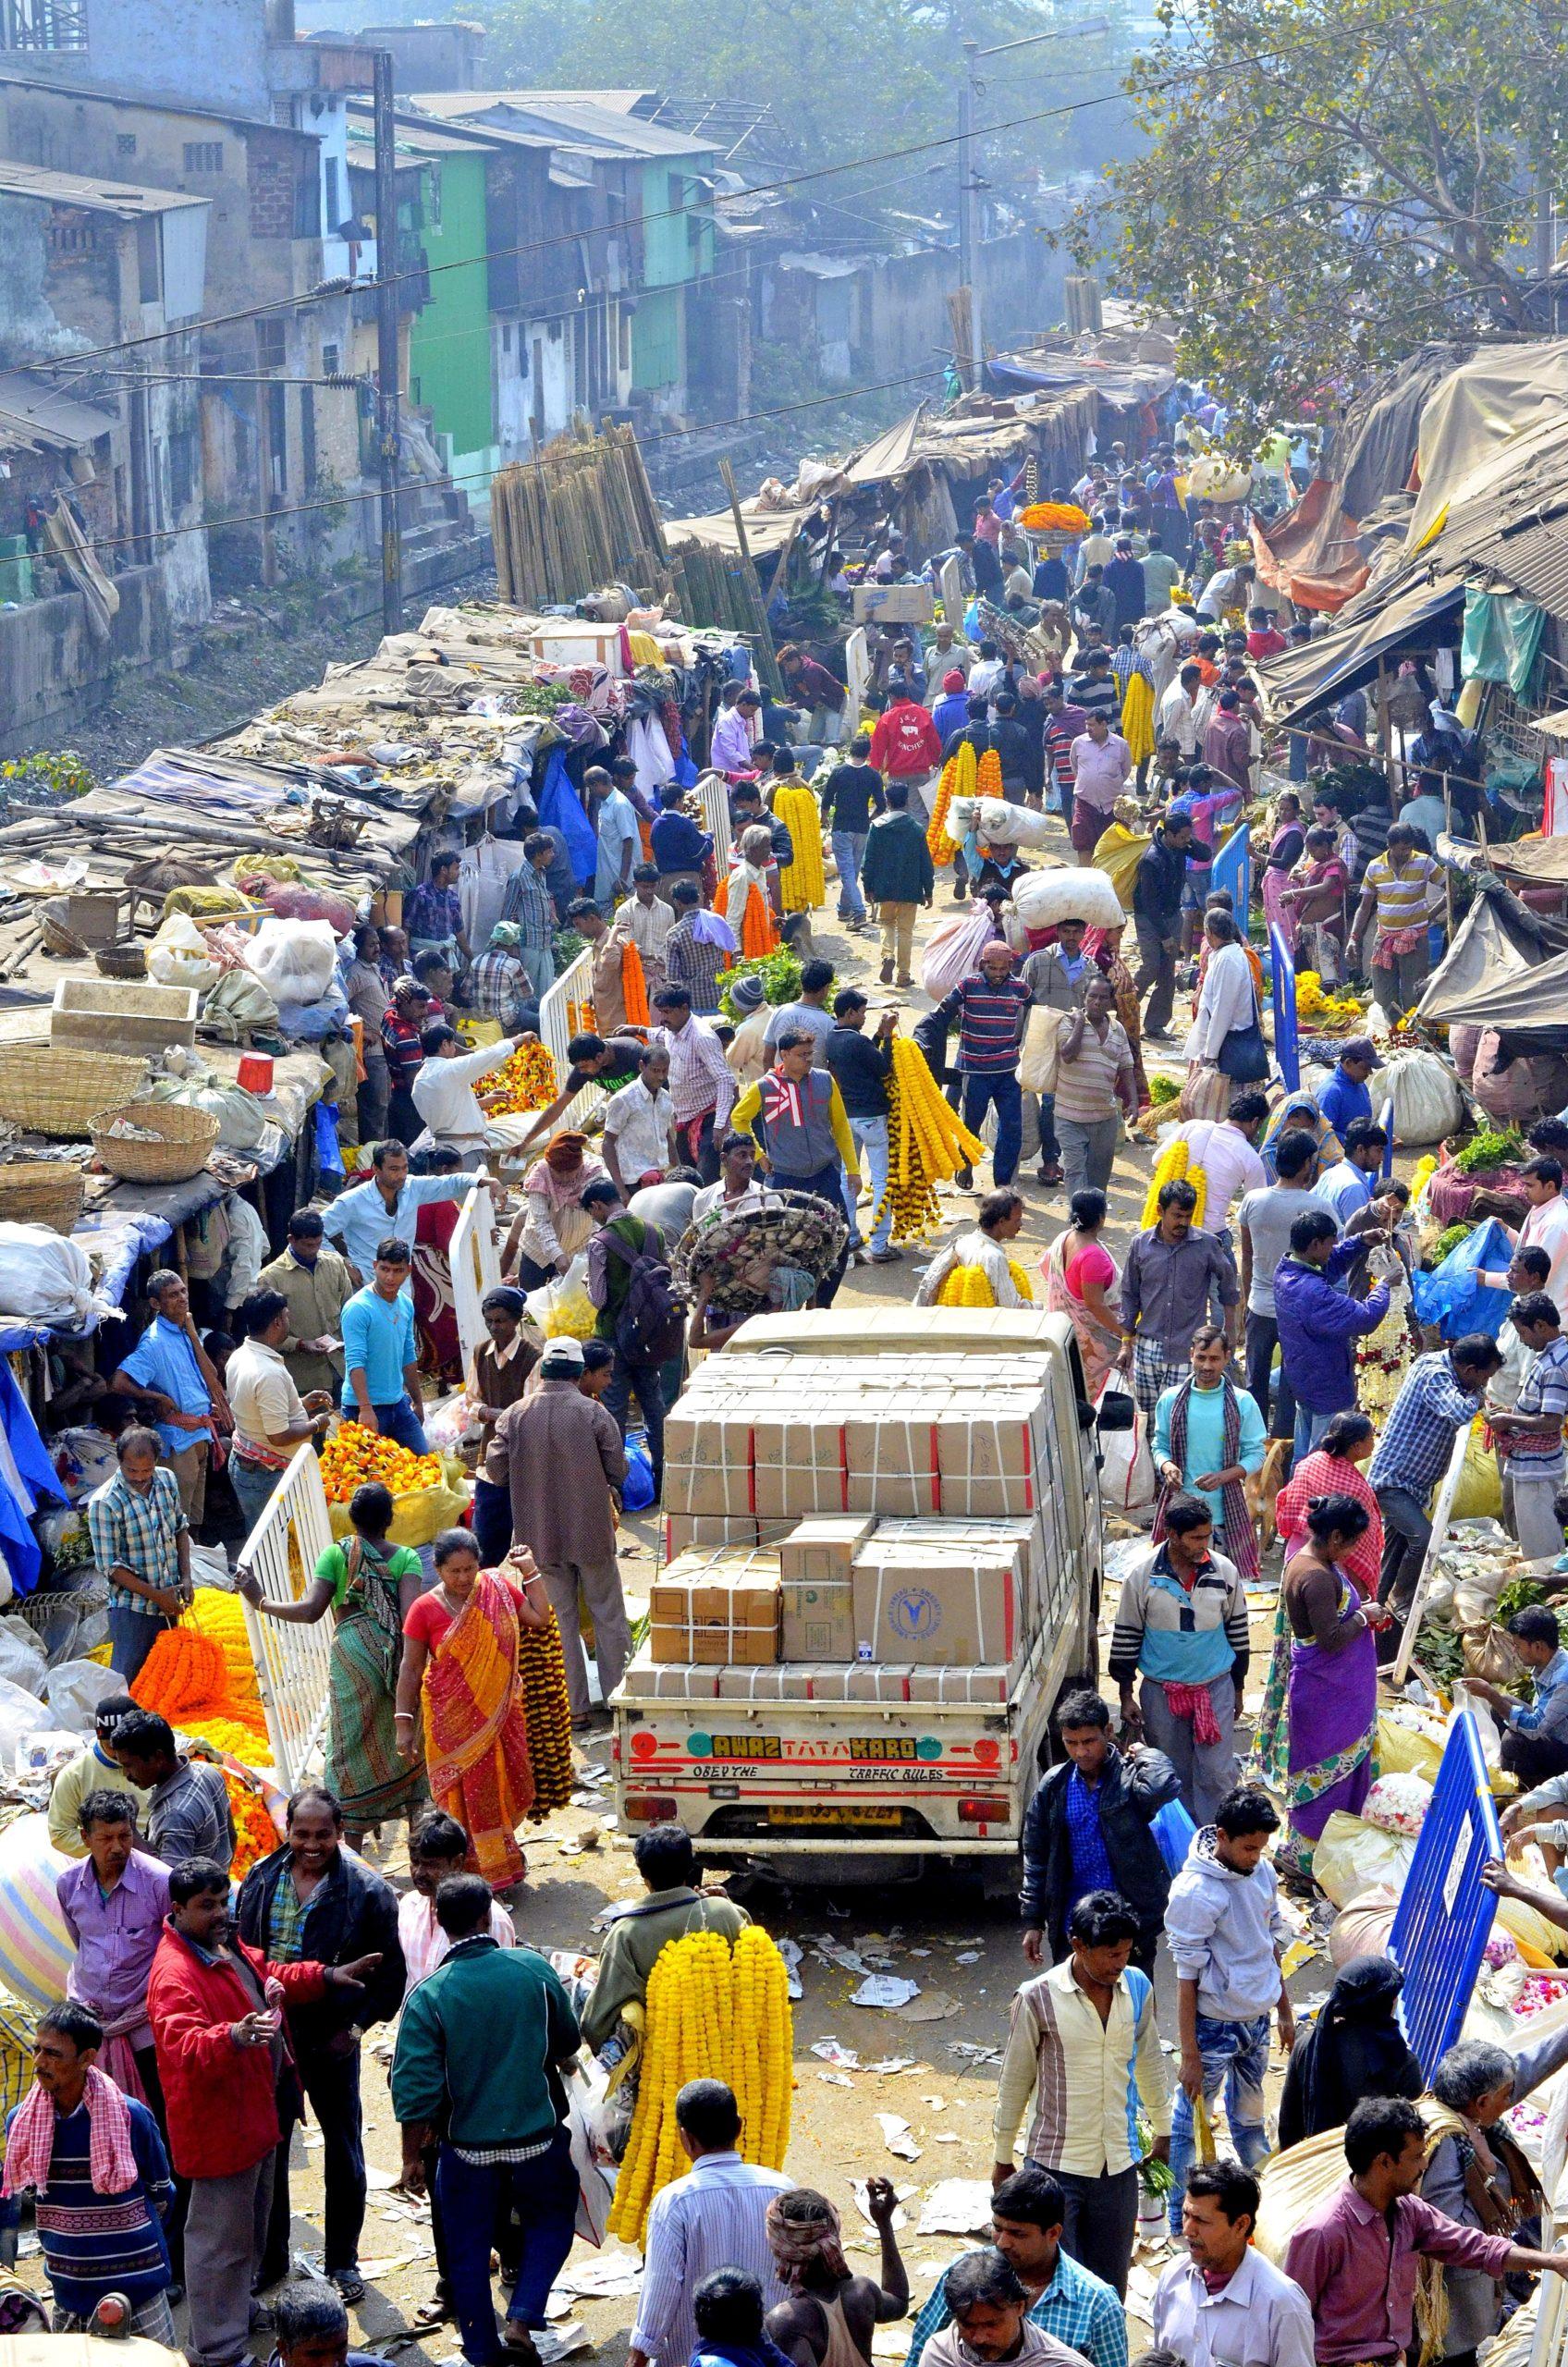 Masa ludzi - stragan w Indiach